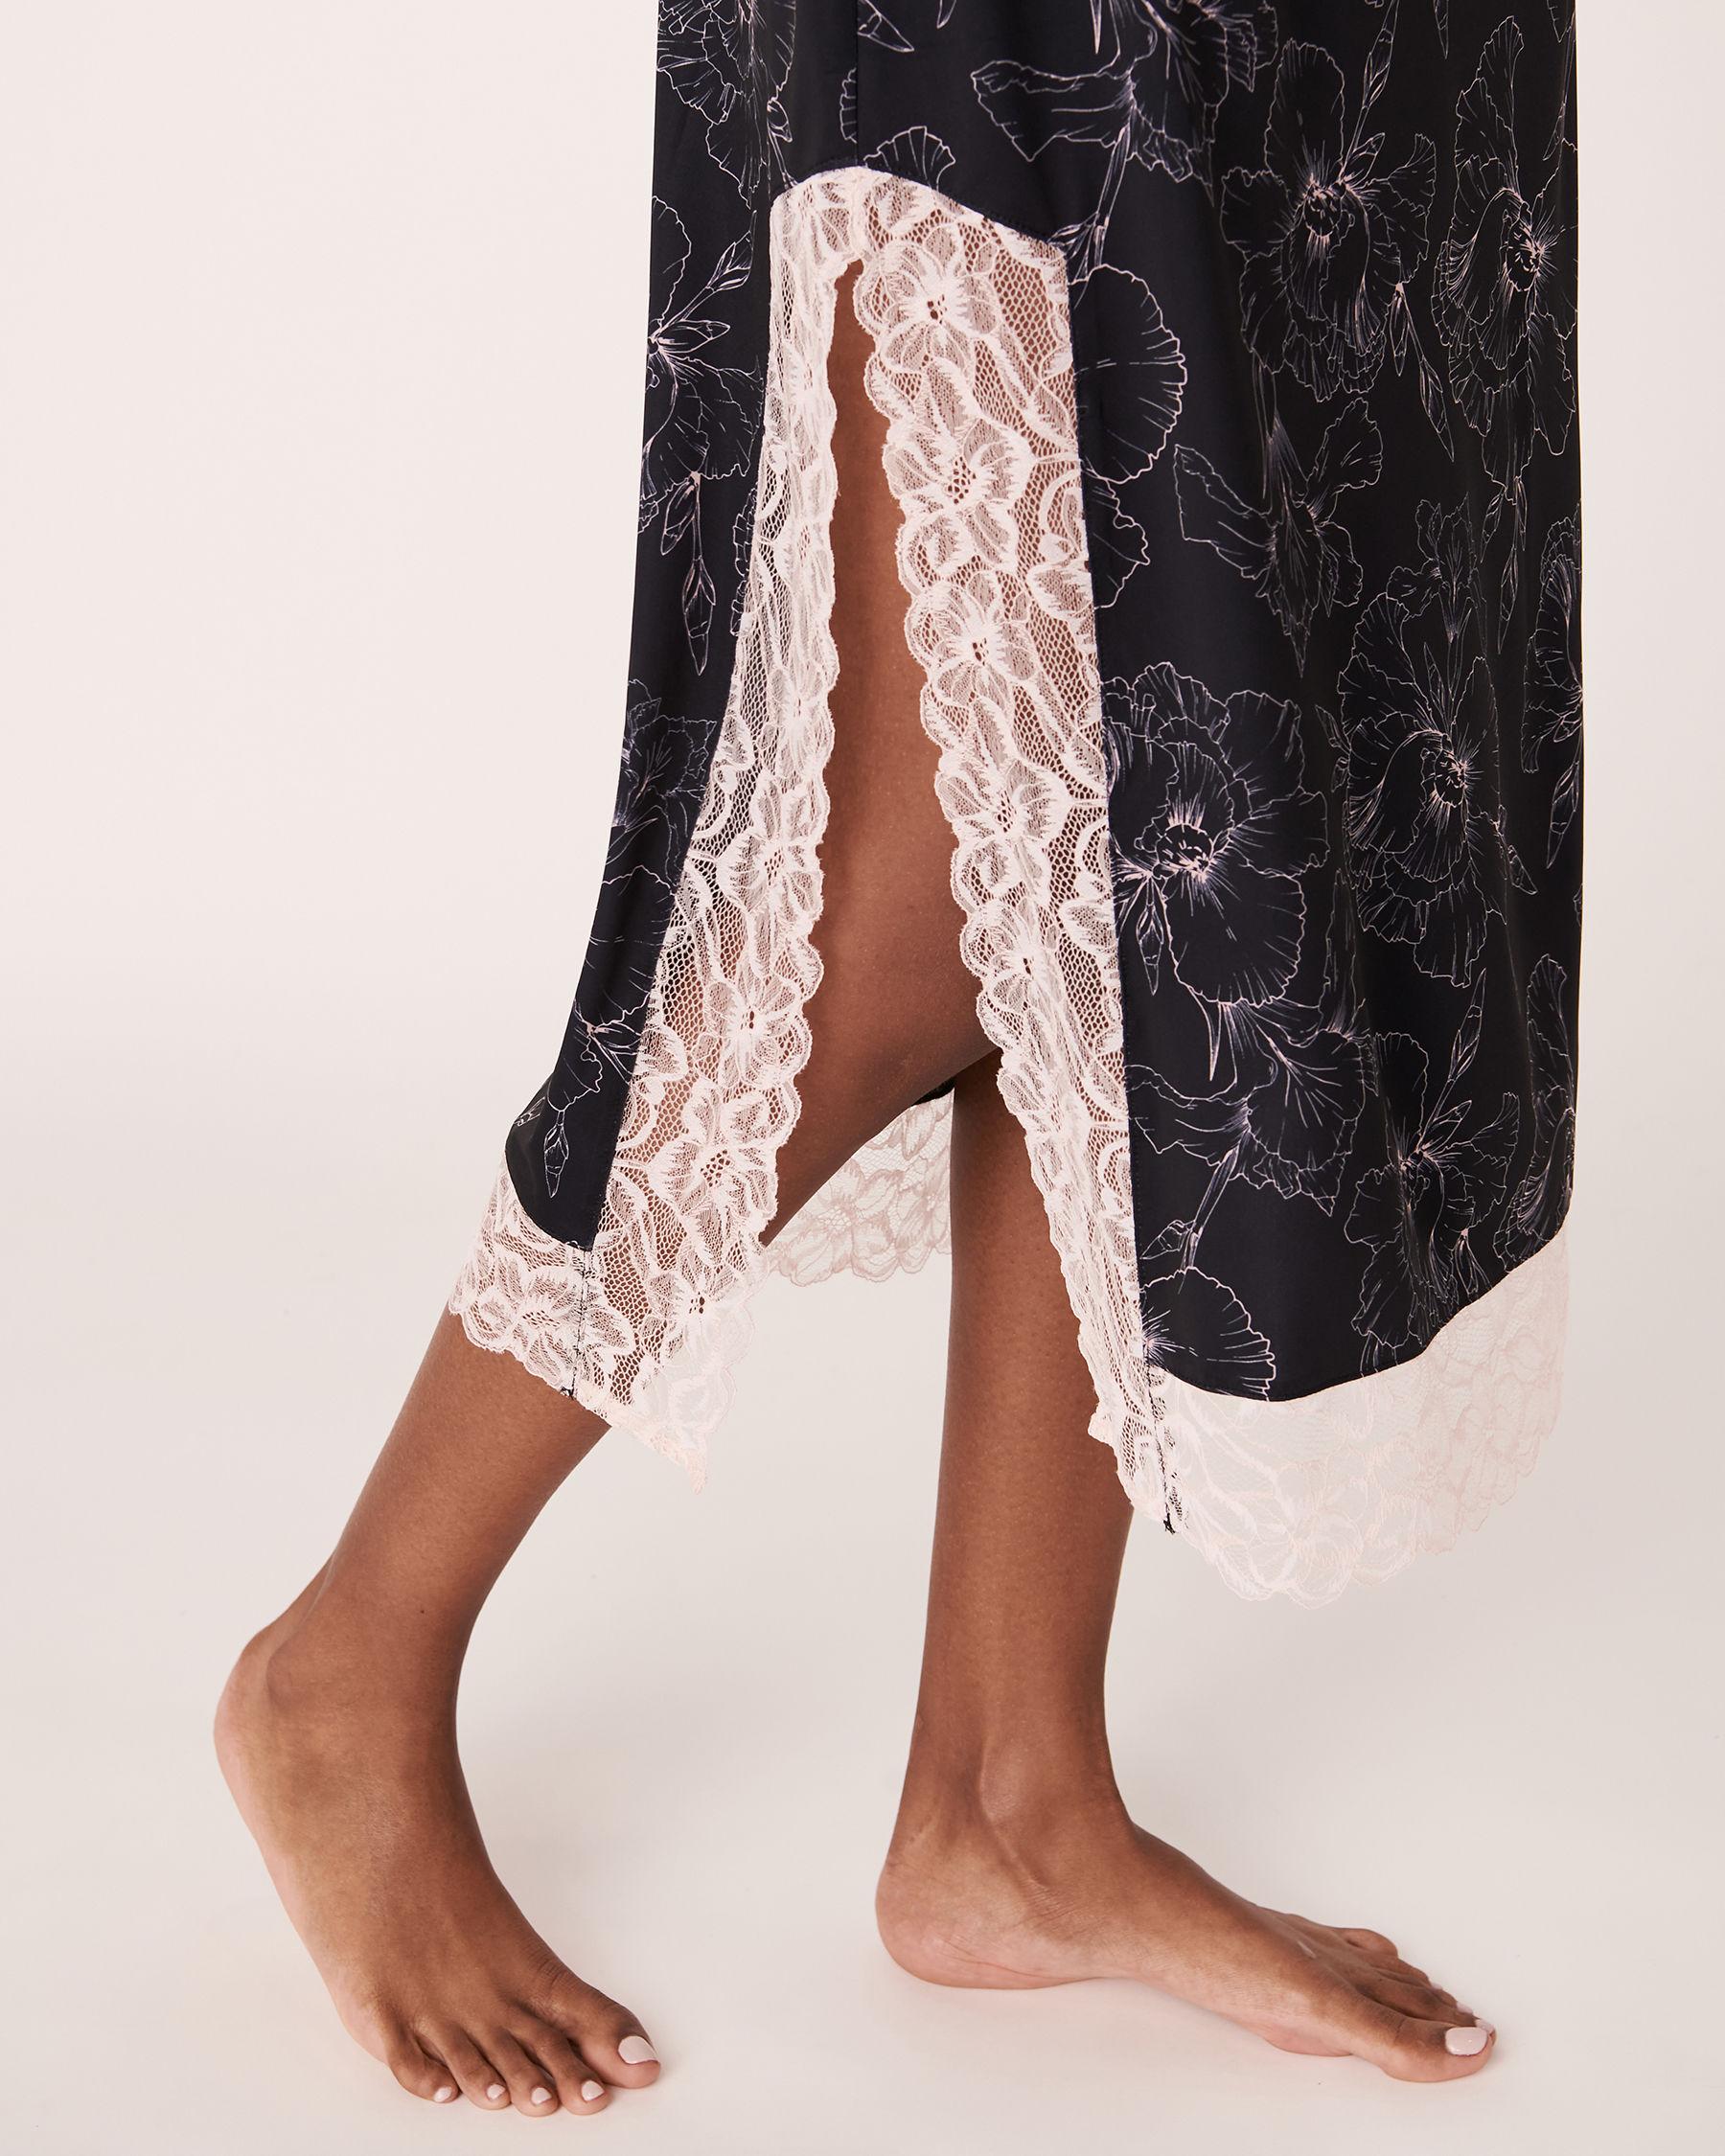 LA VIE EN ROSE Recycled Fibers Lace Trim Mid-length Nightie Black flower 40500059 - View4